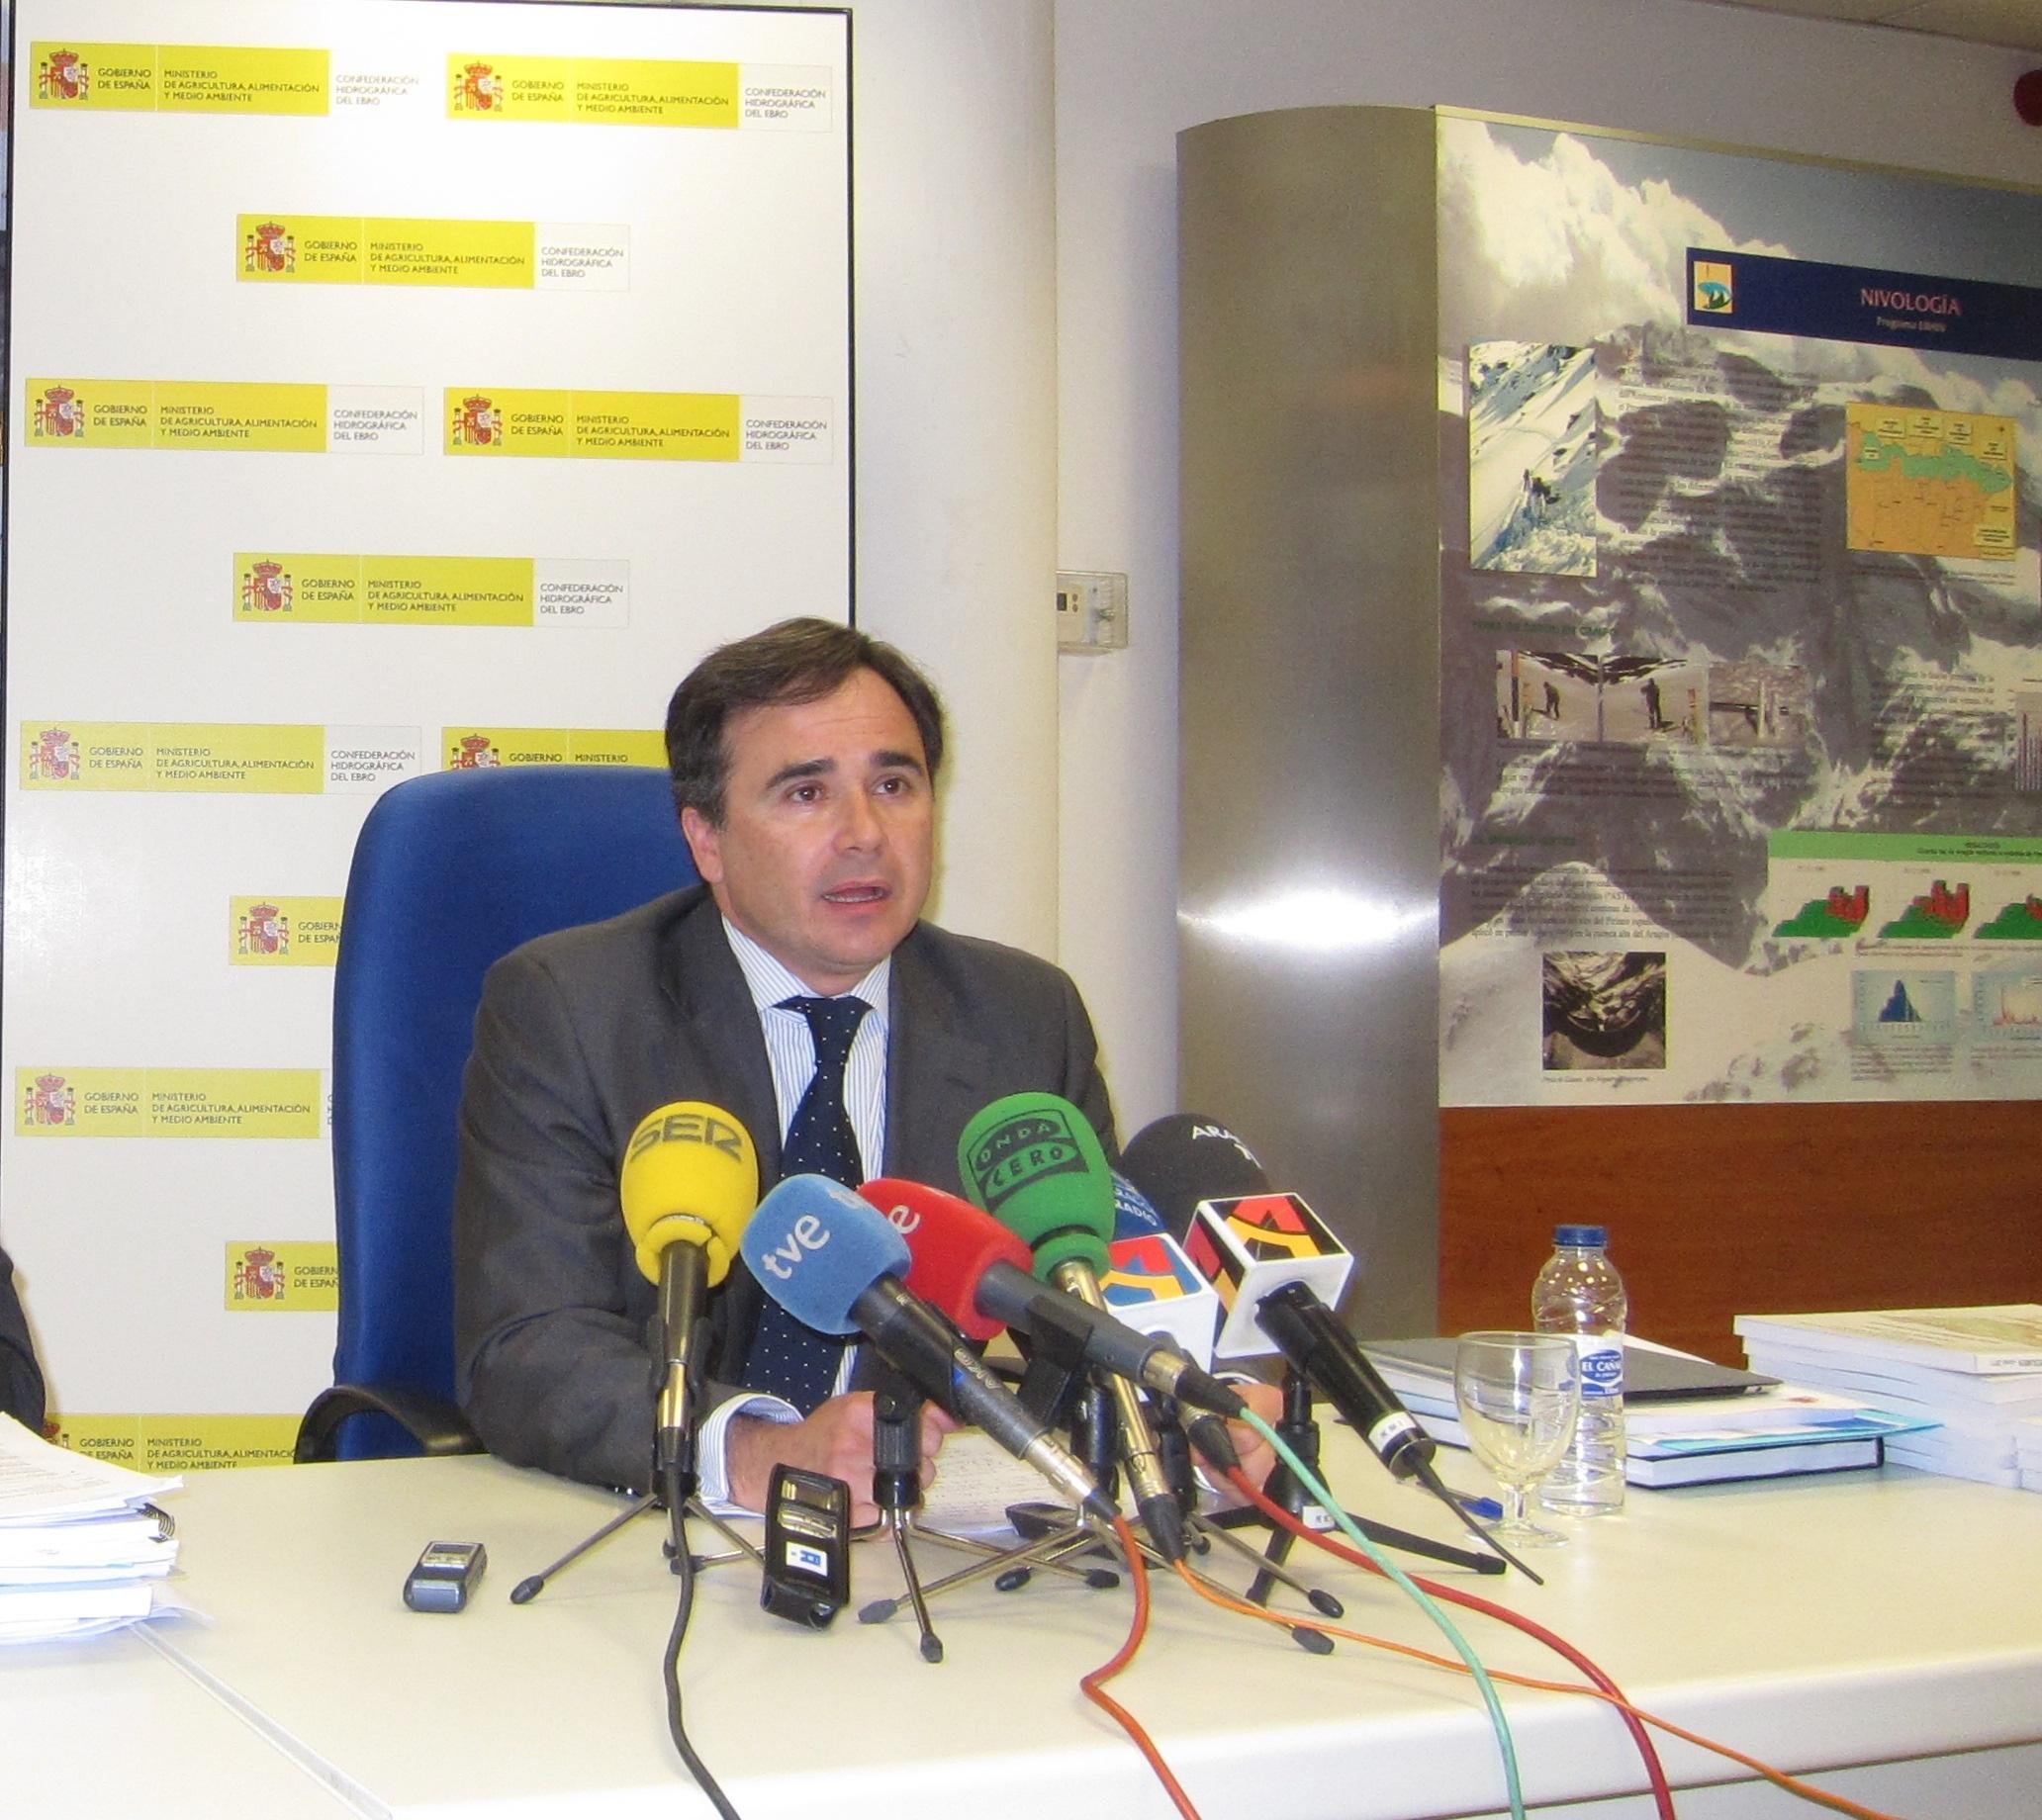 Bildu pide que el presidente de la CHE explique en la Cámara la situación «real» de la urbanización Lasaitasuna de Yesa